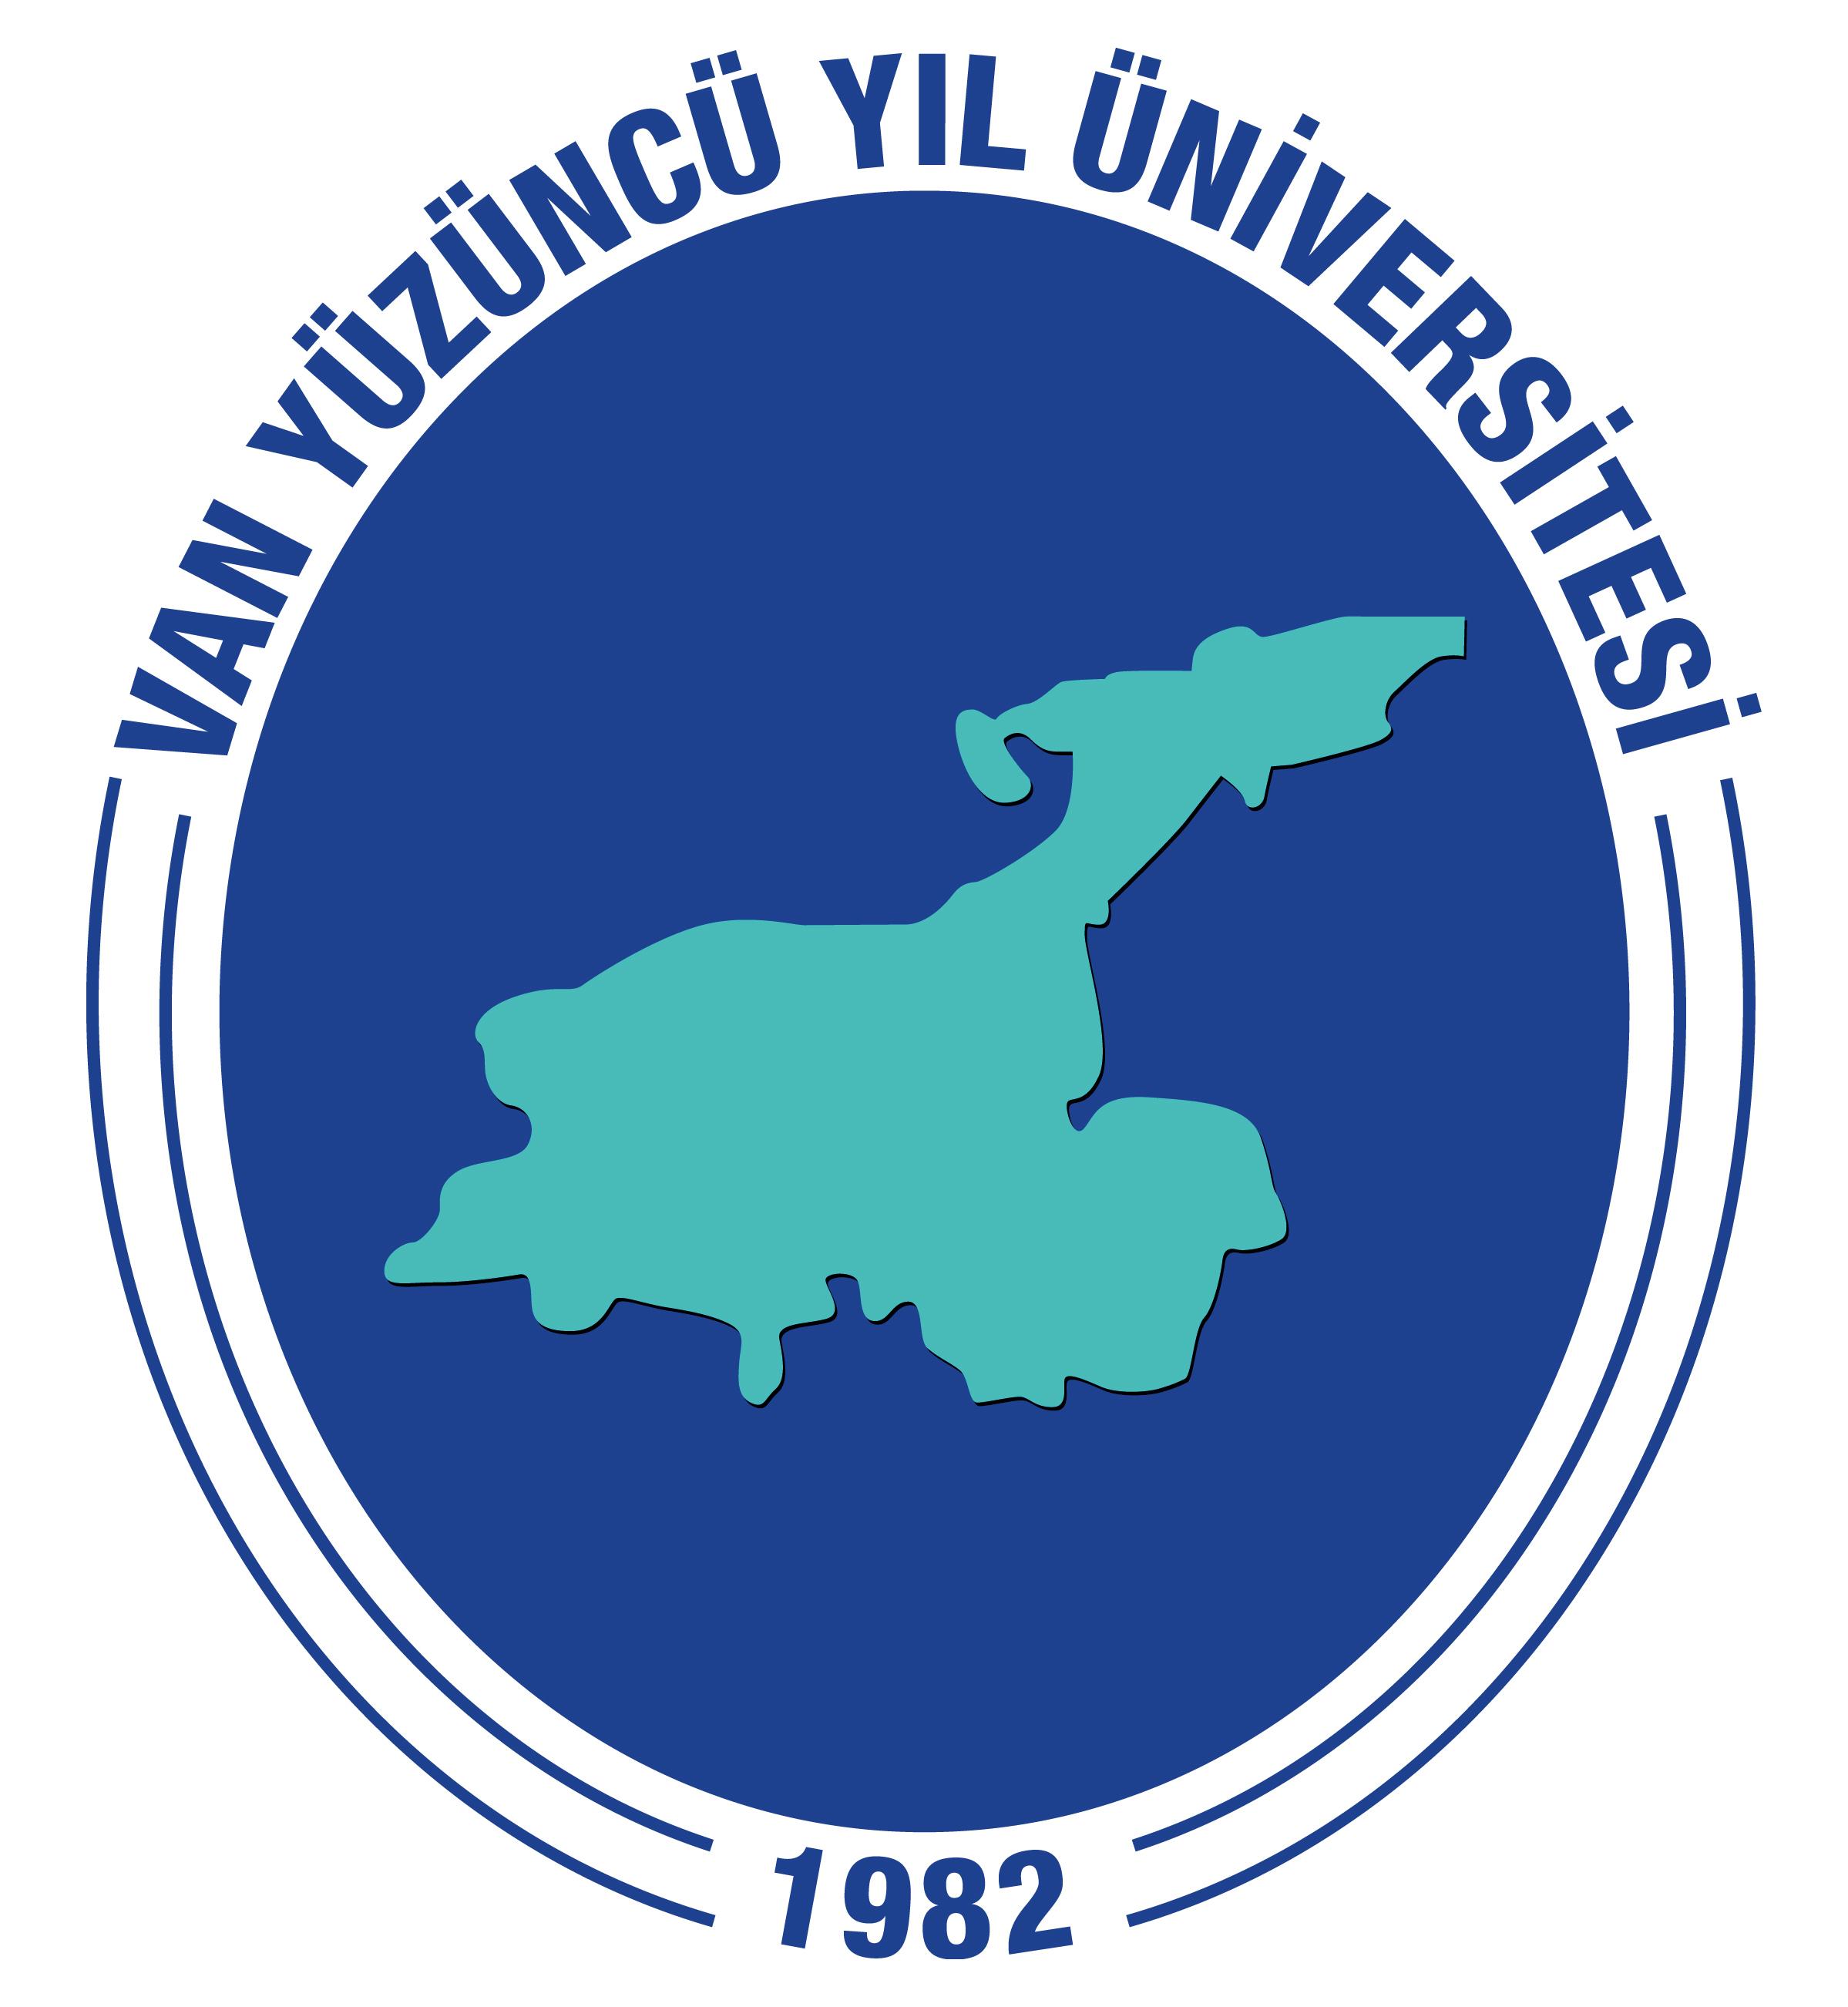 TUAS | VAN YUZUNCU YIL UNIVERSITY